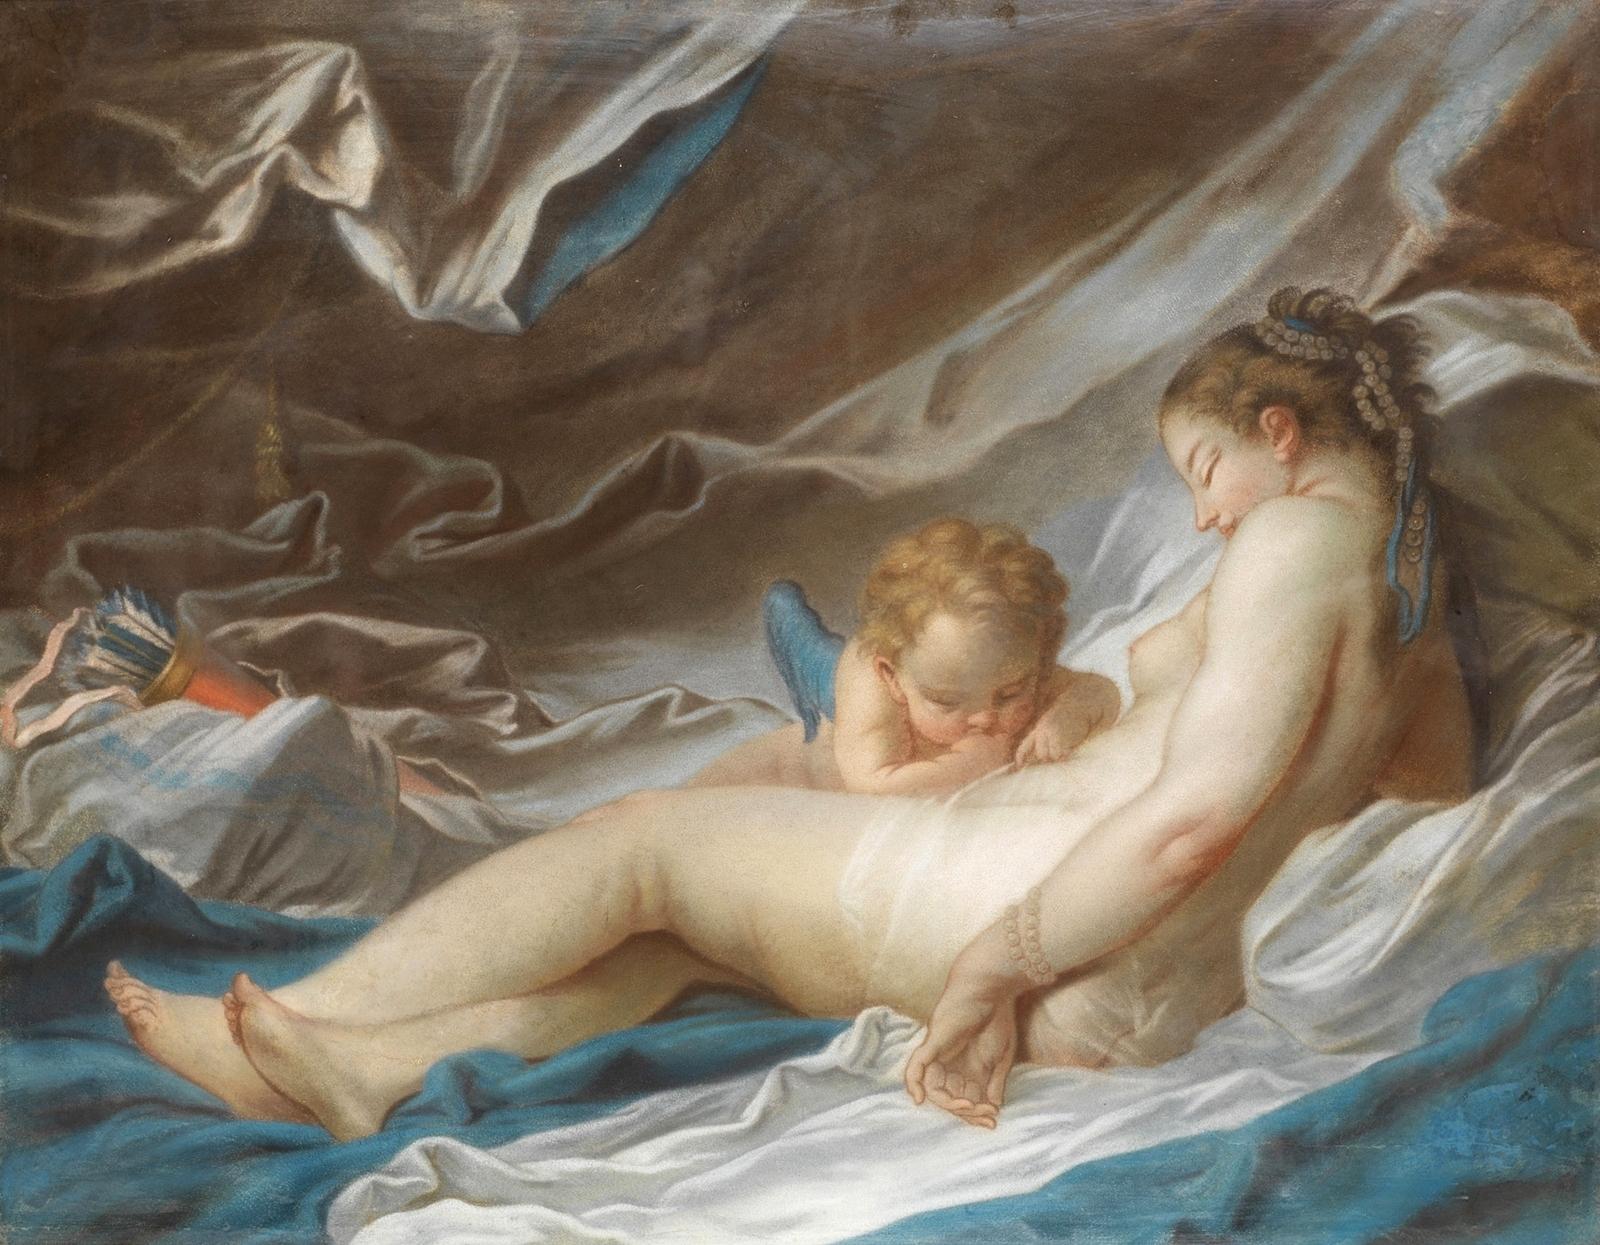 Франсуа Буше. Венера и Амур (Venus and Cupid). 56 х 71. Пастель. Частное собрание.